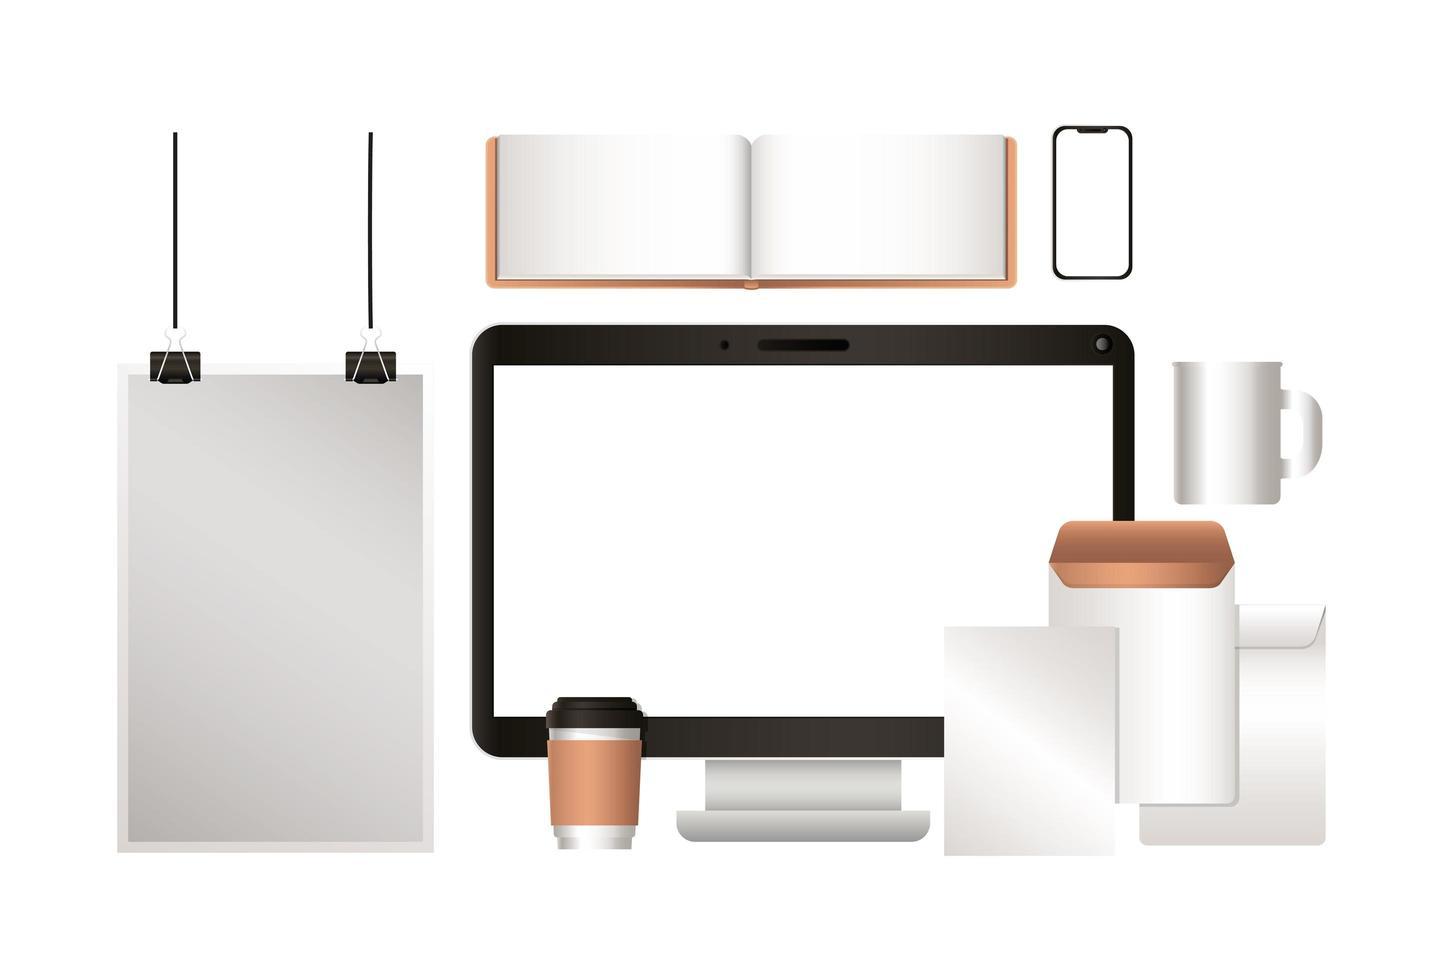 Modell Computer Notebook Umschläge und Kaffeetassen Design vektor